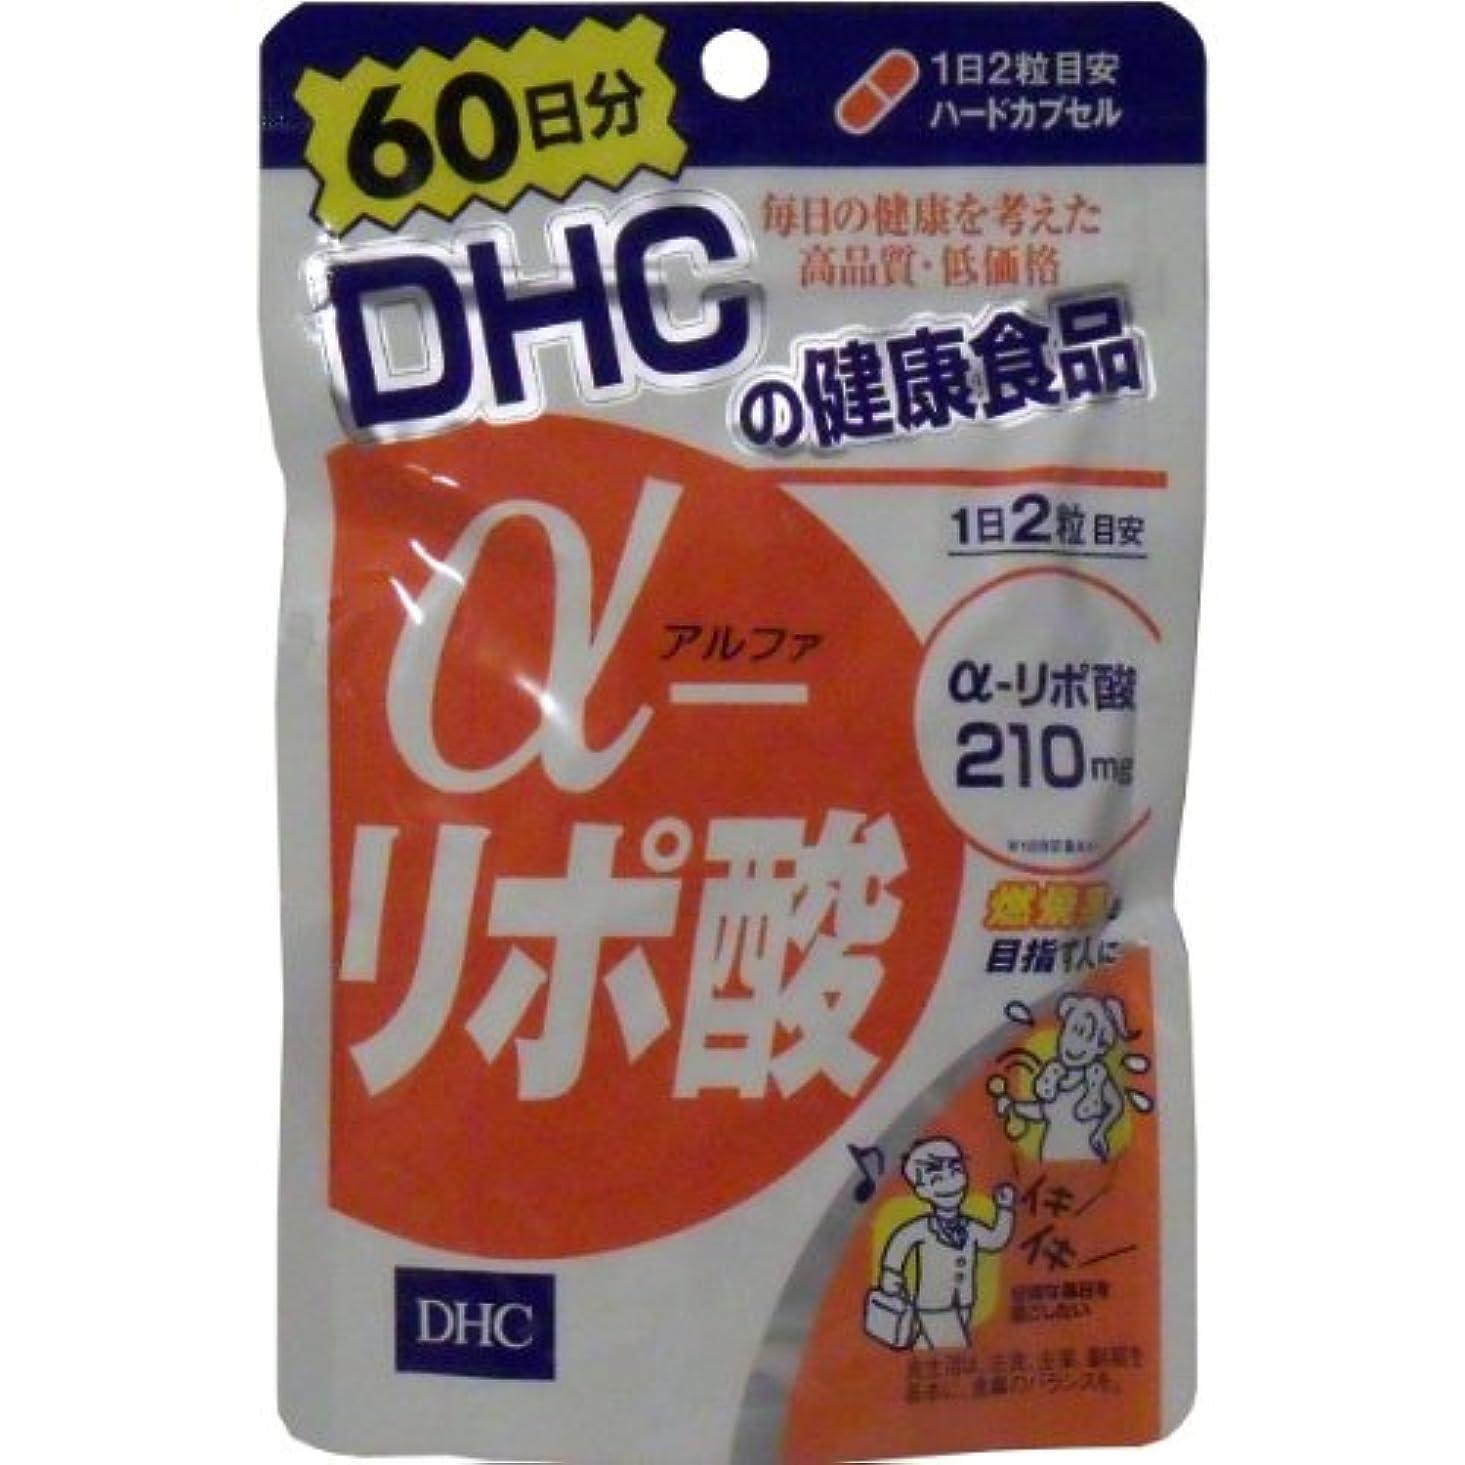 アリギャラントリージャンプα-リポ酸は、もともと体内にあるエネルギー活性成分。サプリメントでの効率的な補給がおすすめ!DHC120粒 60日分 【5個セット】